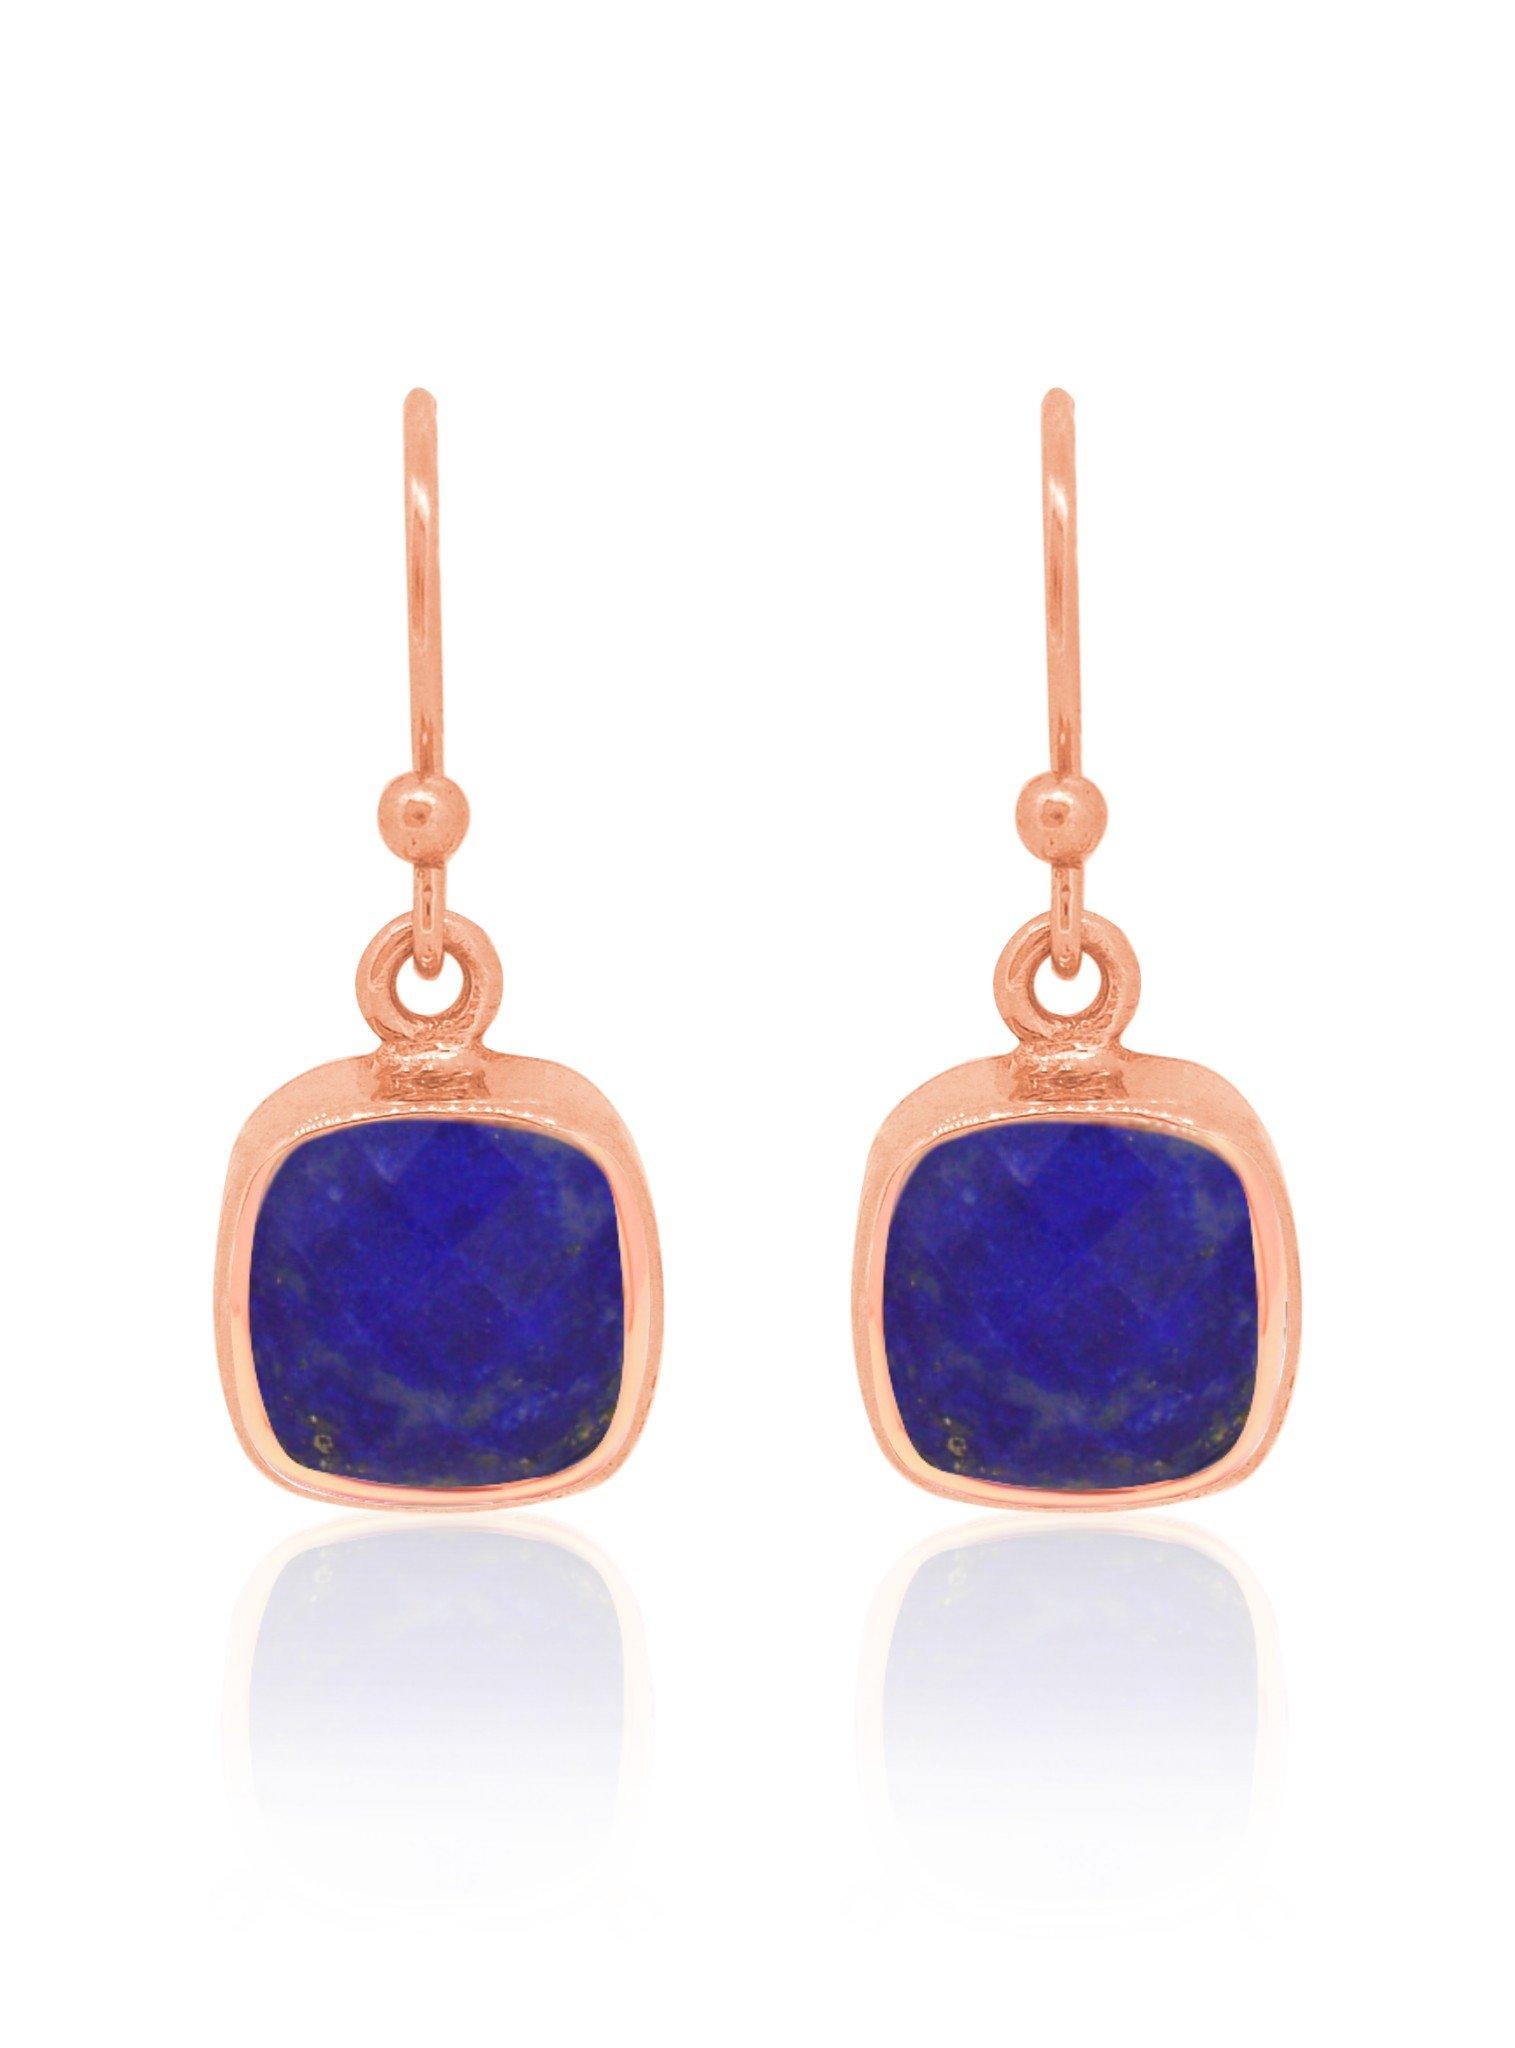 Indie Lapis Lazuli Gemstone Earrings in Rose Gold